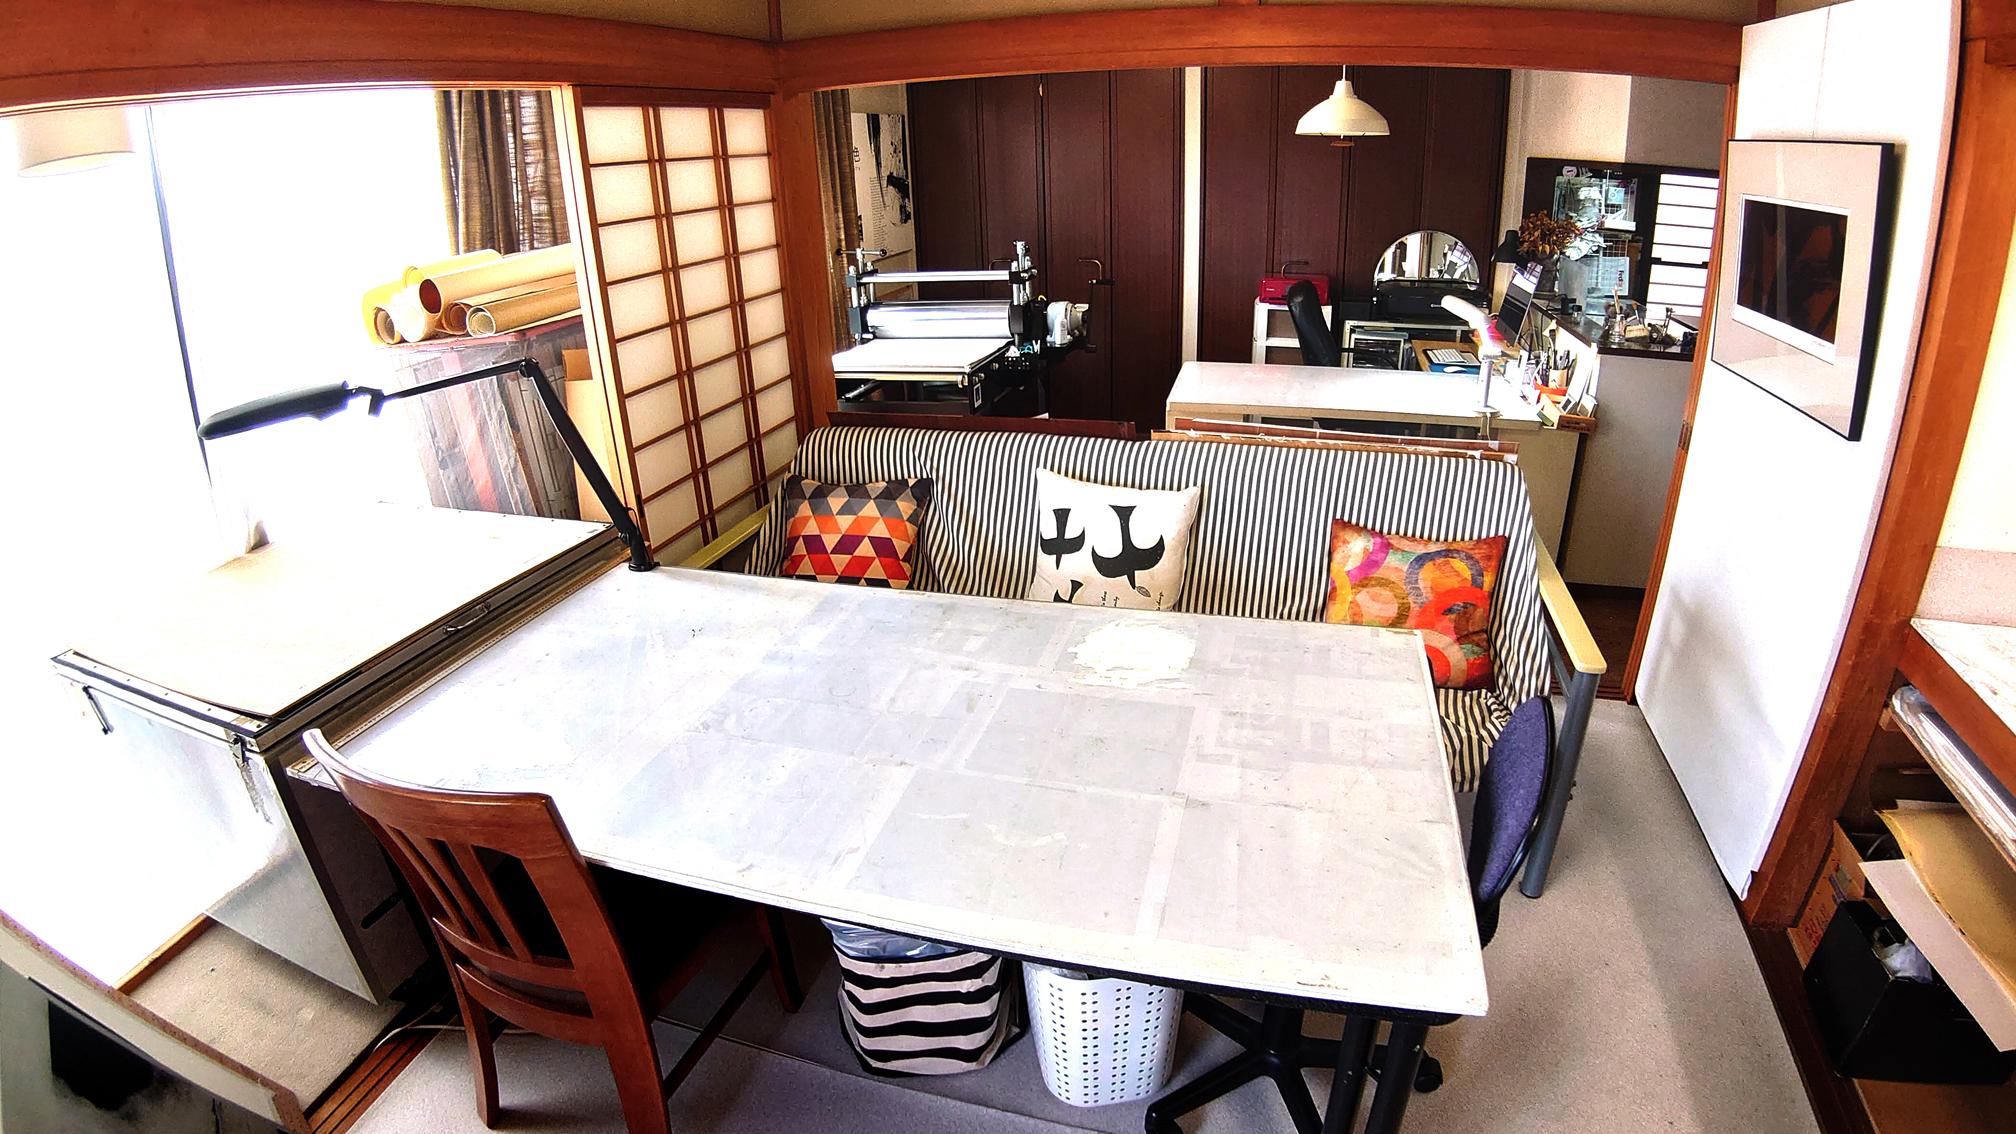 生徒さんの作業台兼リビングテーブル。背後は、私の作業台と版画のプレス機です。